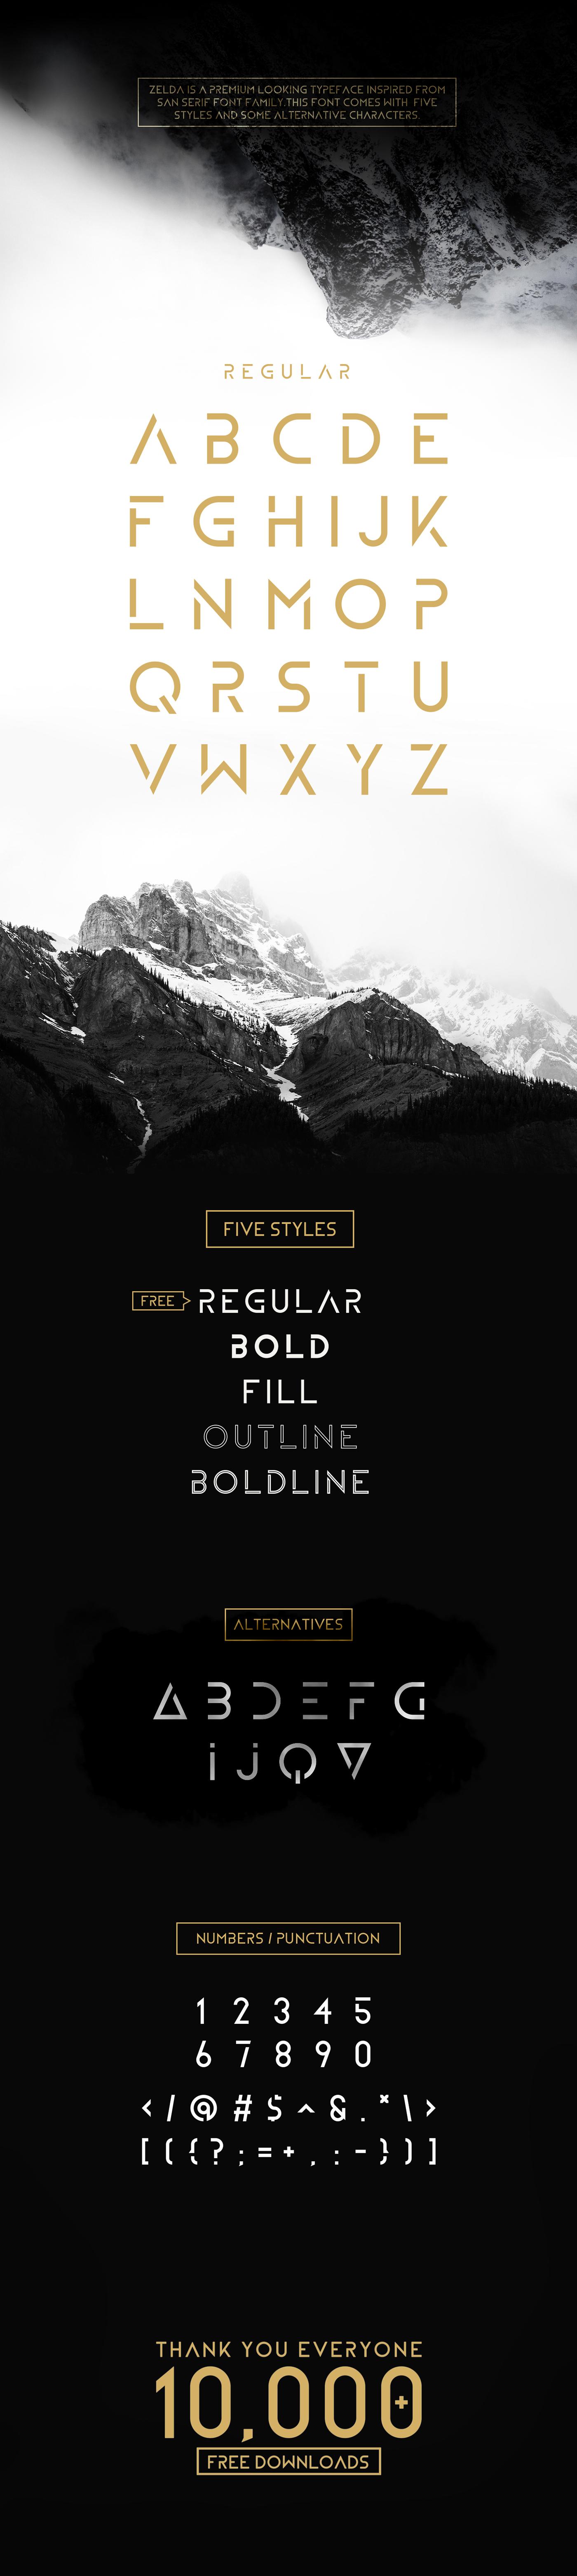 Typeface font logo minimal fontface FontLab type free freefont sans